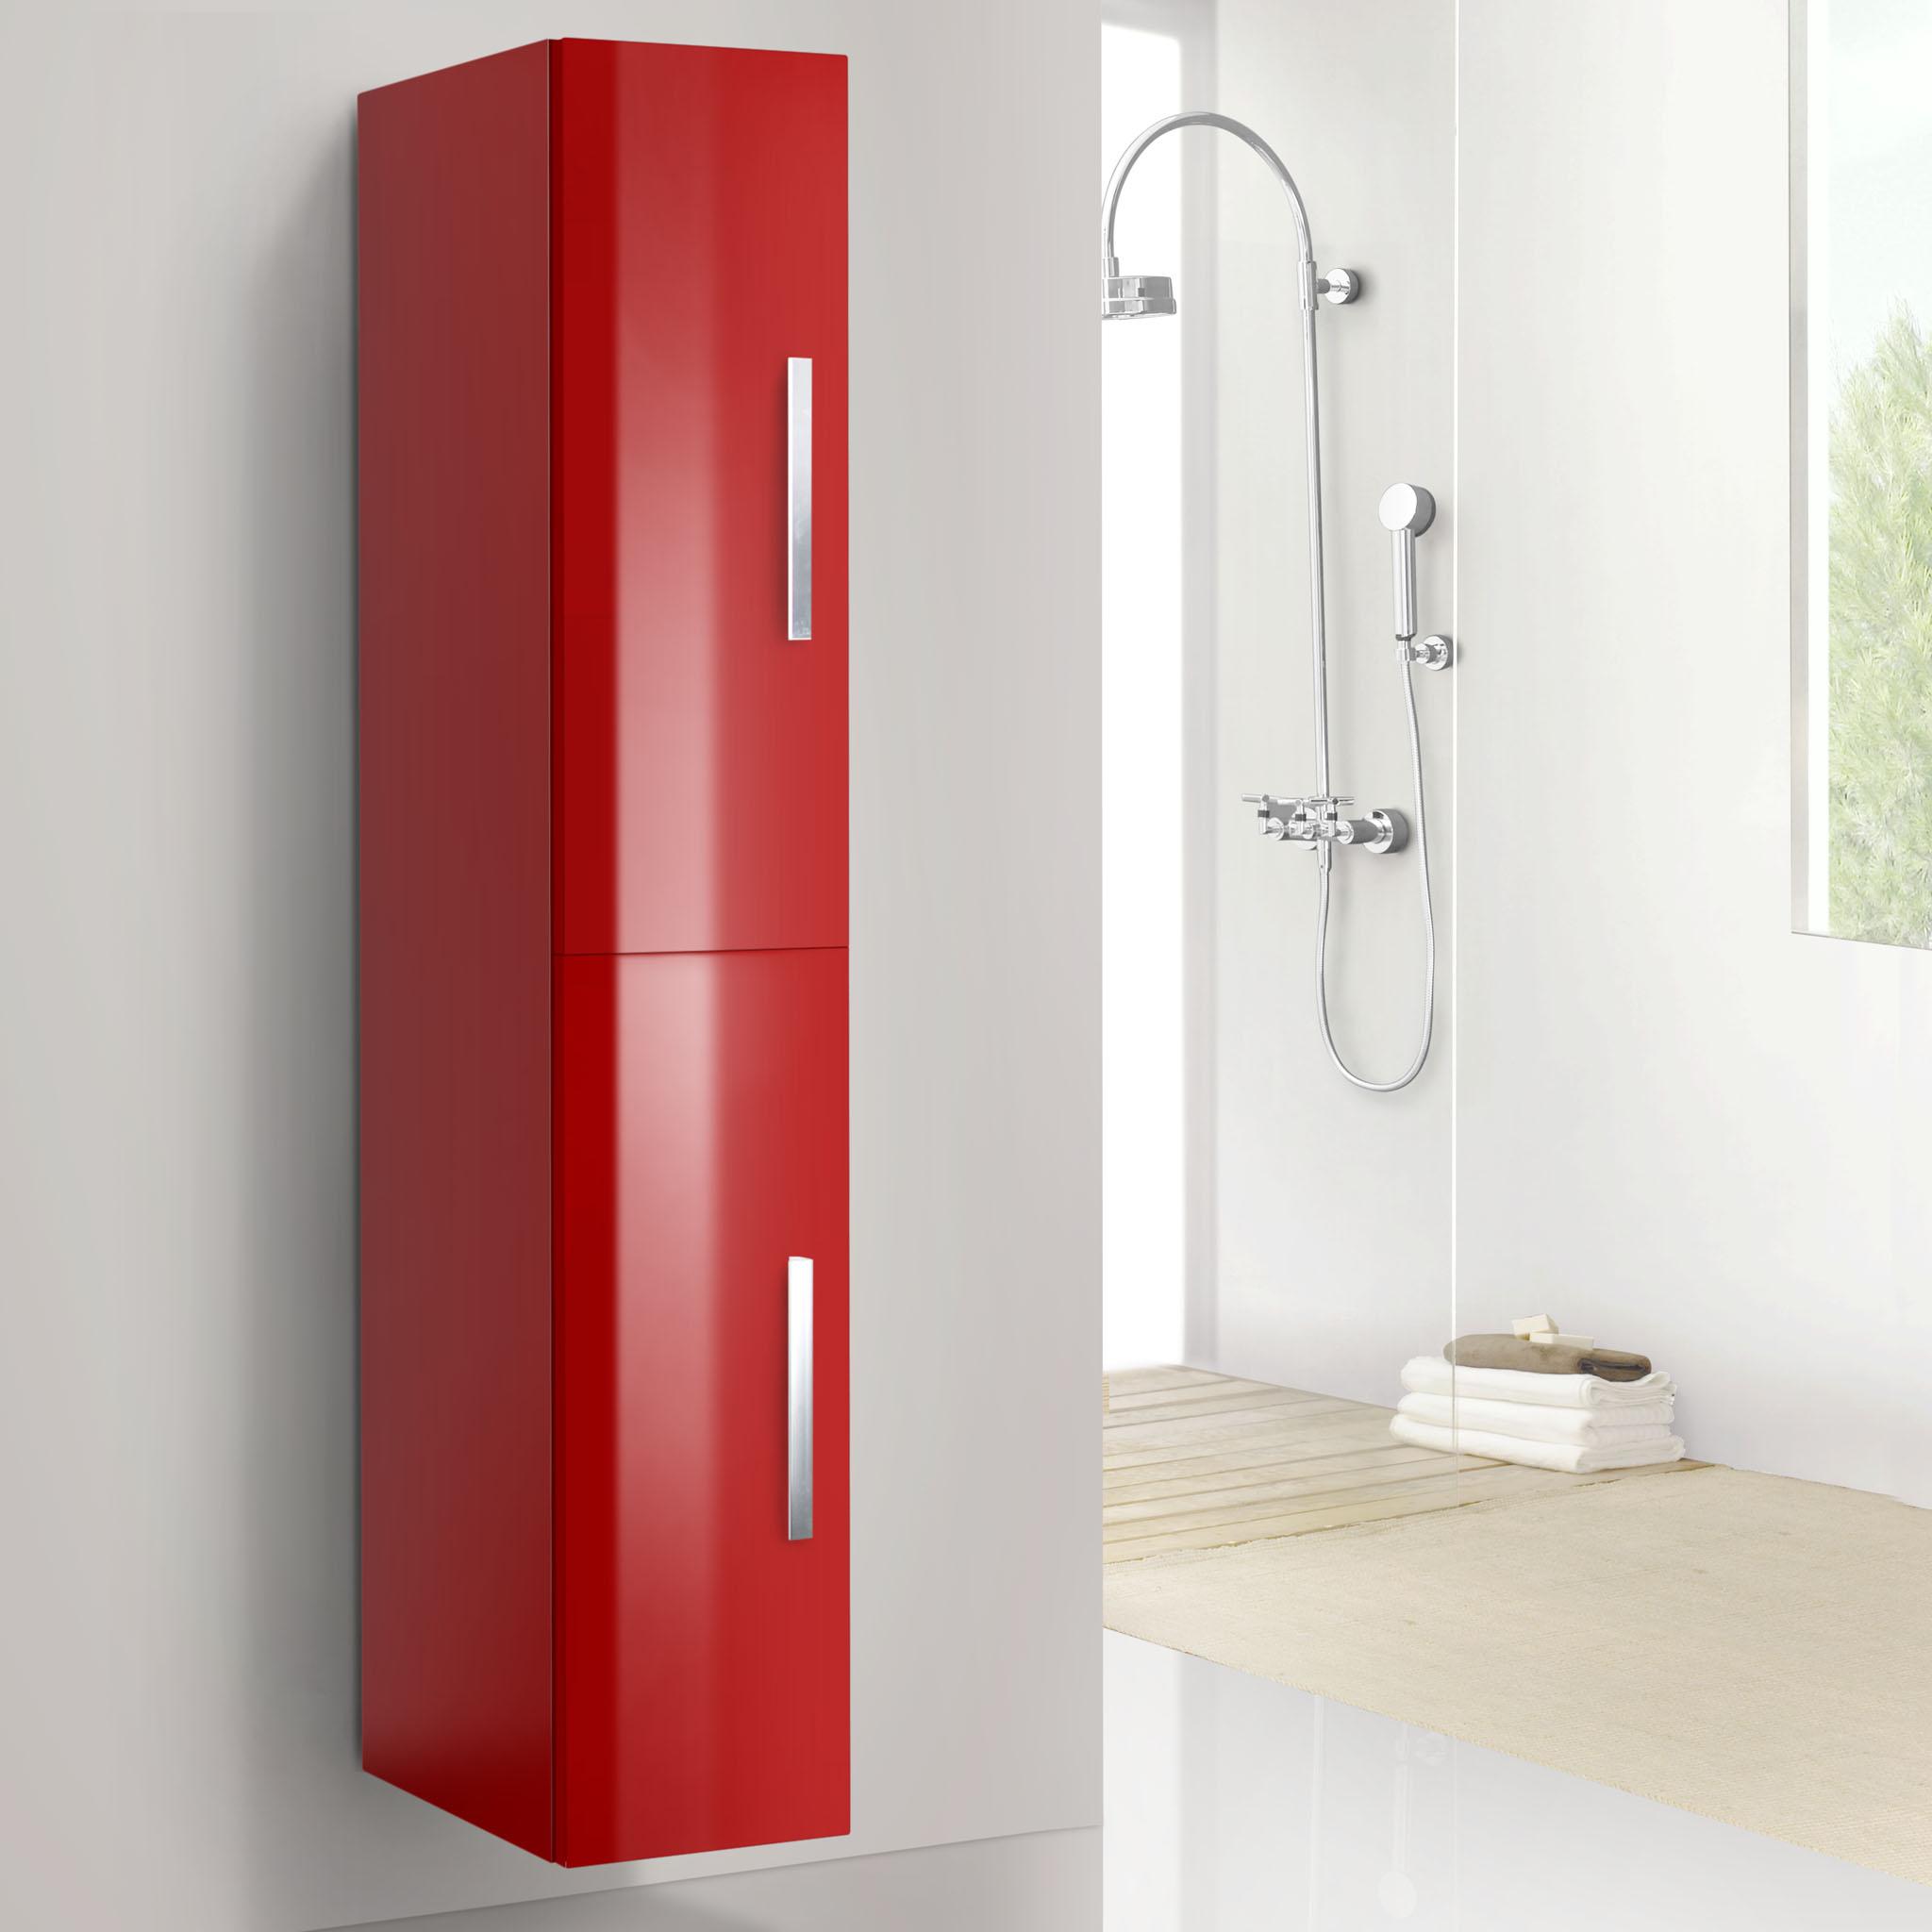 Muebles De Baño Rojos:Columna auxiliar para mueble de baño mod: Cien-Plus-Vera